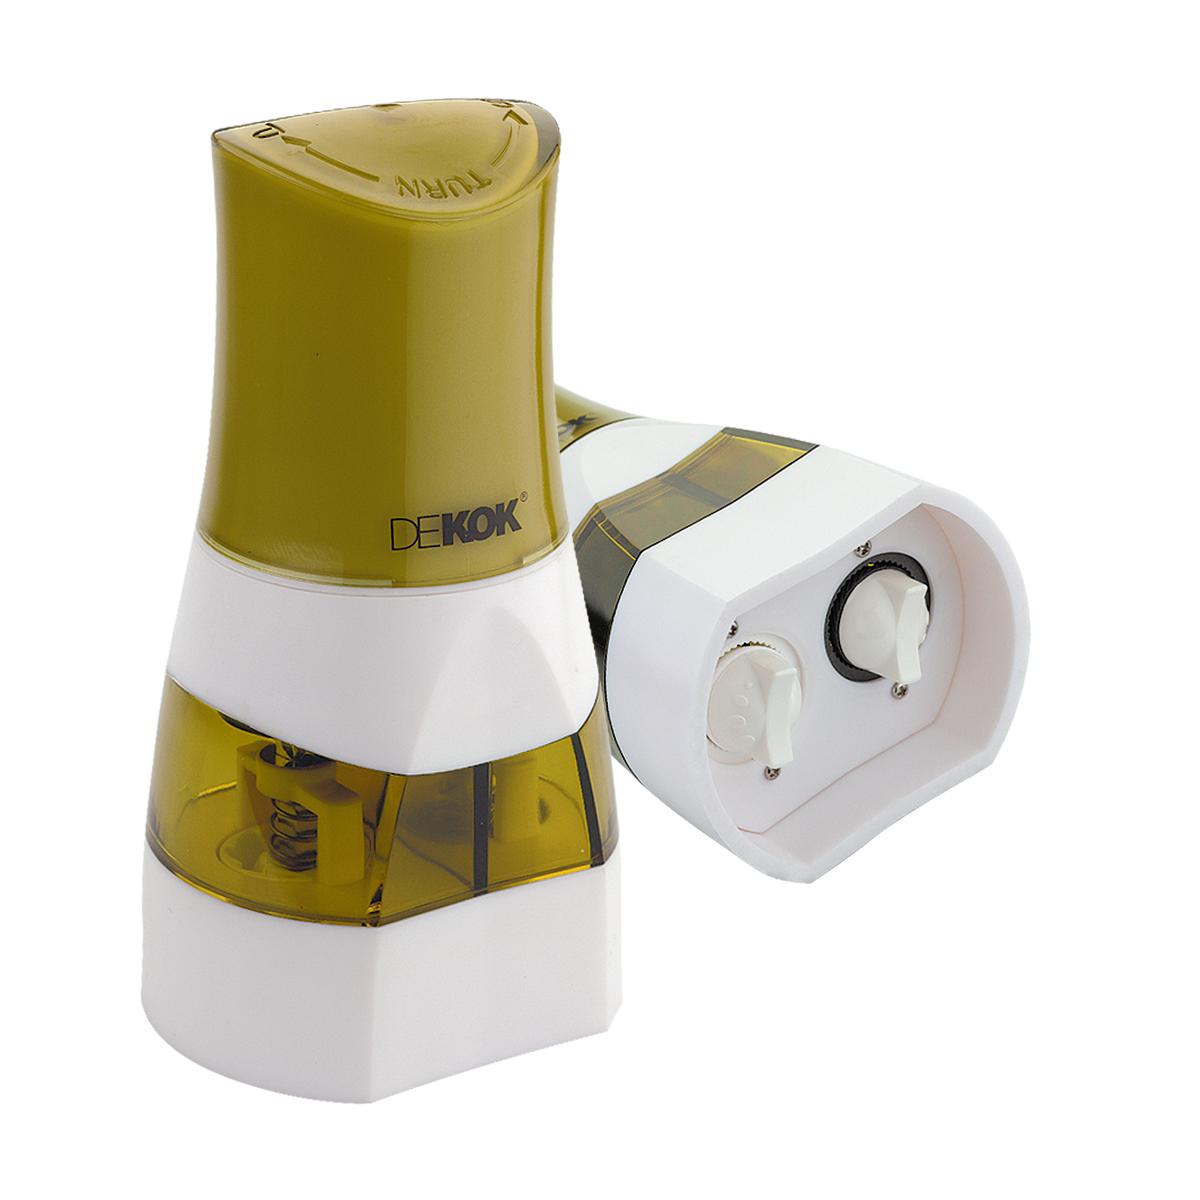 Прибор для измельчения специй Dekok, цвет: фисташковый, белыйUKA-1521Прибор для измельчения специй Dekok изготовлен из ударопрочного акрила и нержавеющей стали. Помолочный механизм выполнен из керамики. Инновационный дизайн позволяет легко наполнять измельчитель и попеременно перемалывать 2 специи. Механизм оснащен регулятором размера помола. Прибор легко открывается, достаточно лишь потянуть вверх ручки помола. Идеально подходит для хранения специй и приправ.